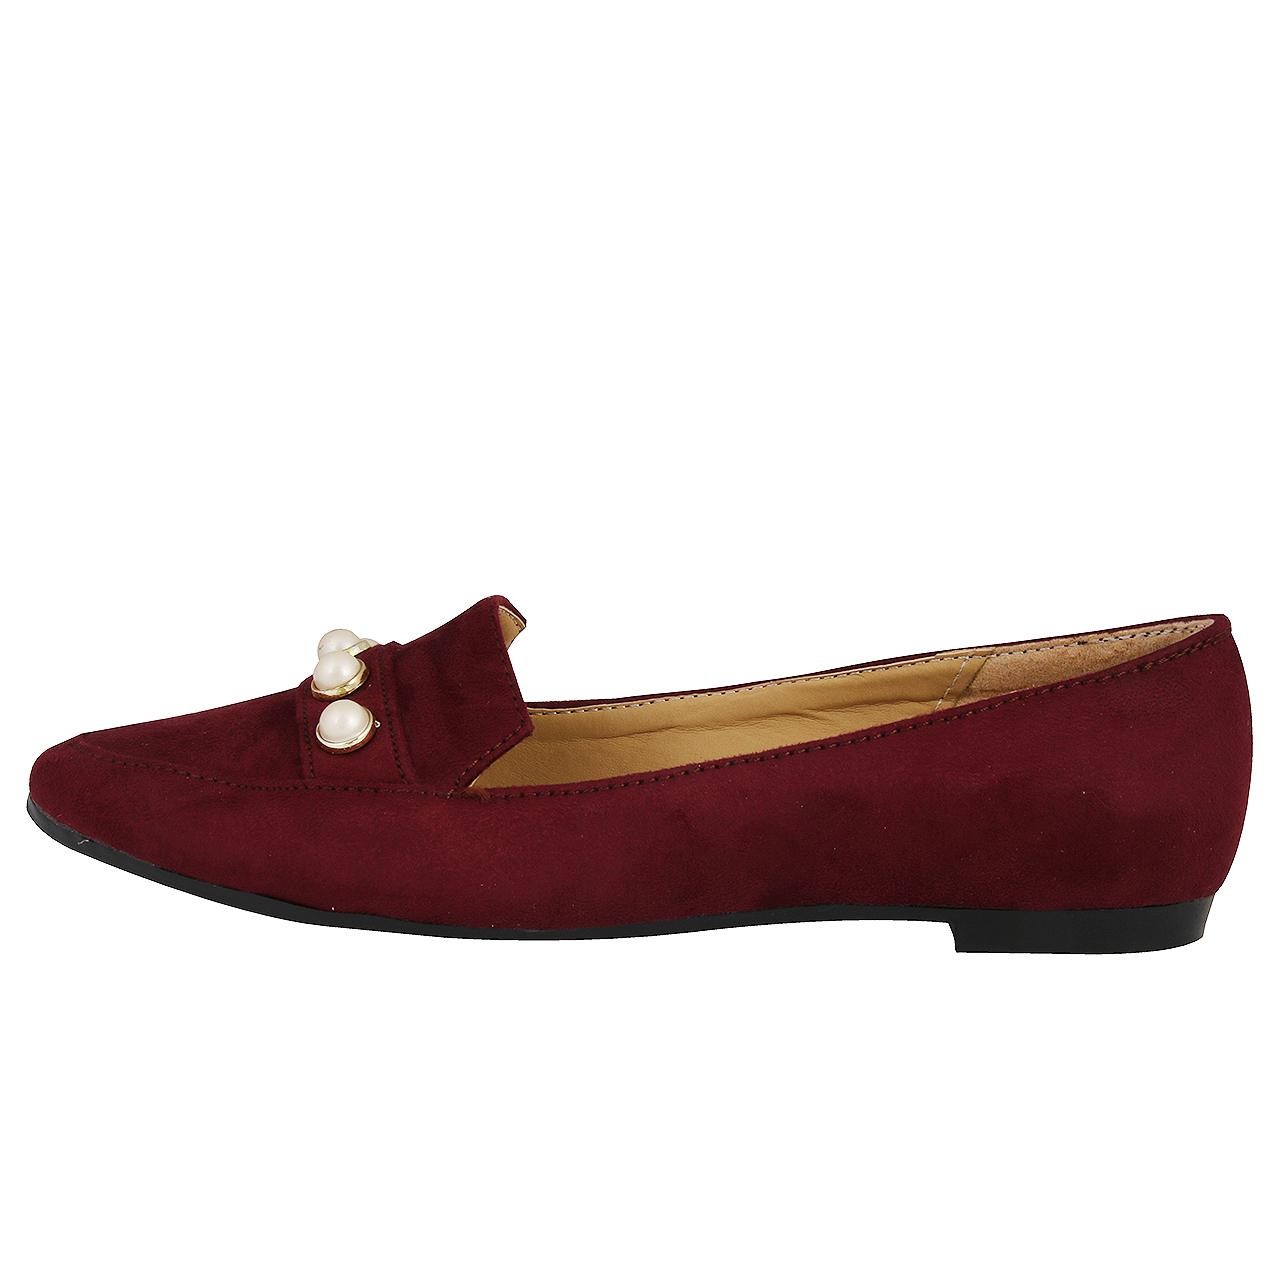 کفش زنانه طرح مروارید کد 159012518 |